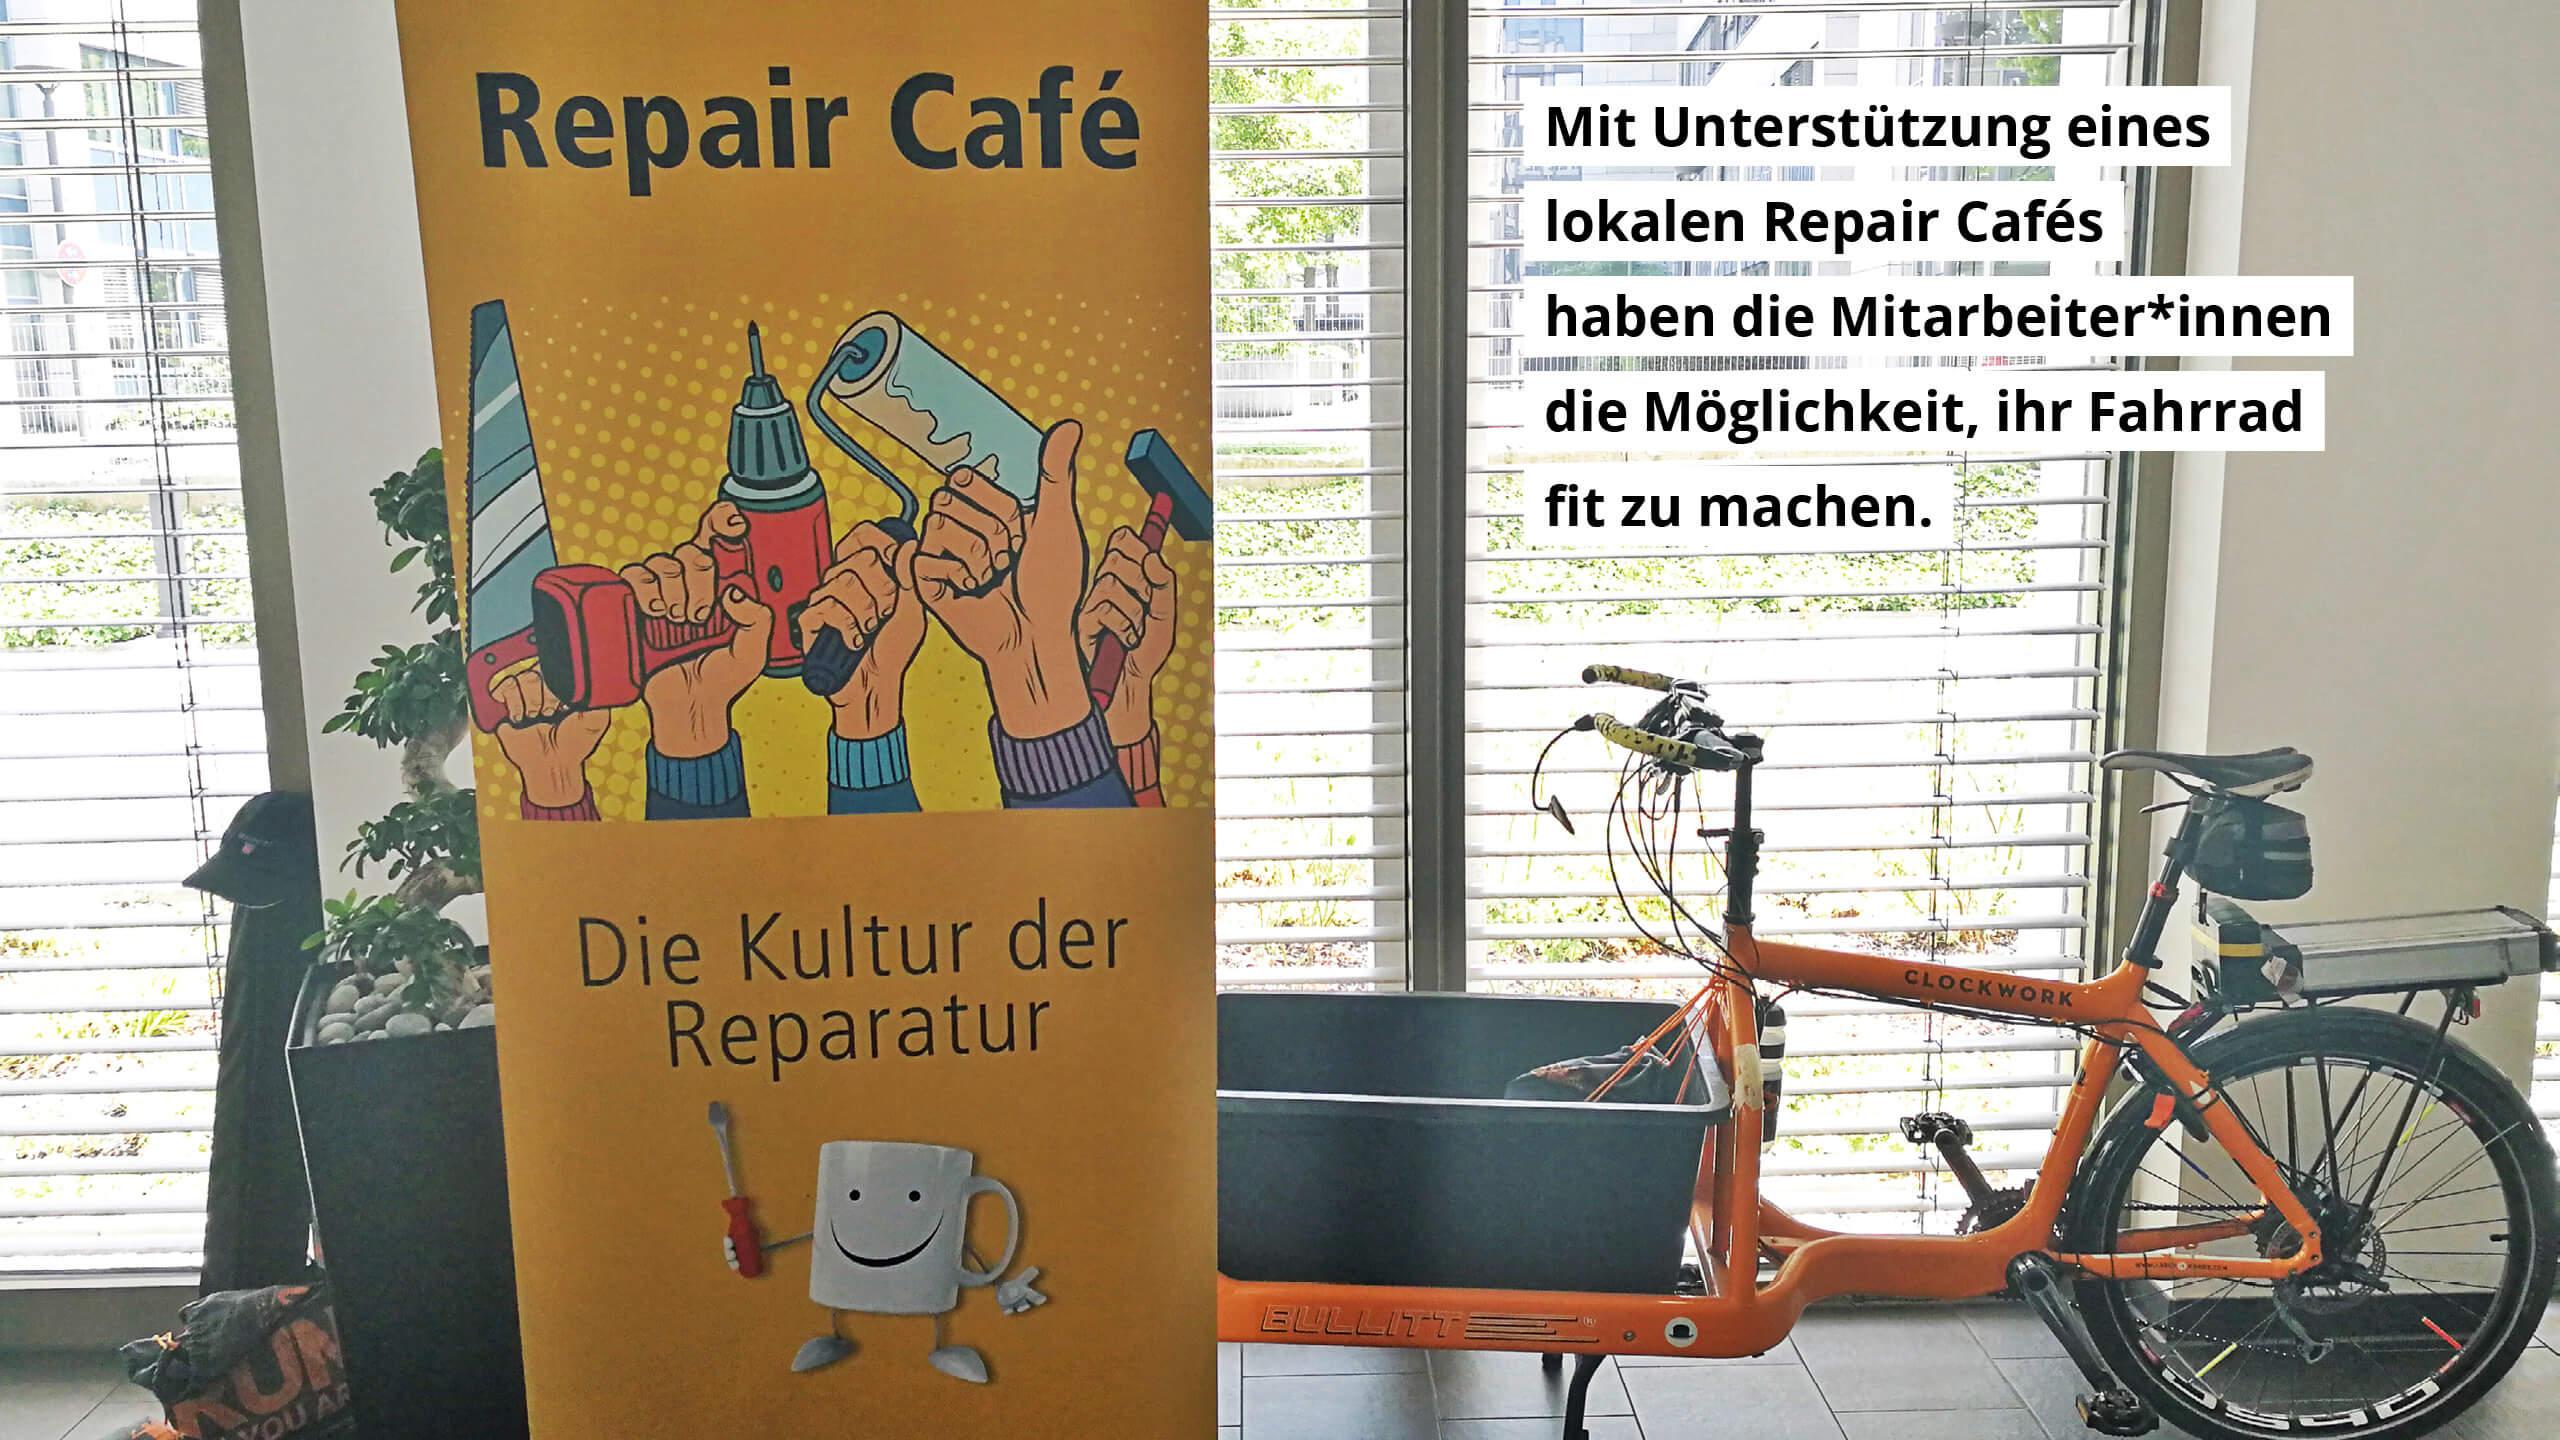 Mit Unterstützung eines lokalen Repair-Cafés haben die Mitarbeiter*innen die Möglichkeit, ihr Fahrrad fit zu machen.